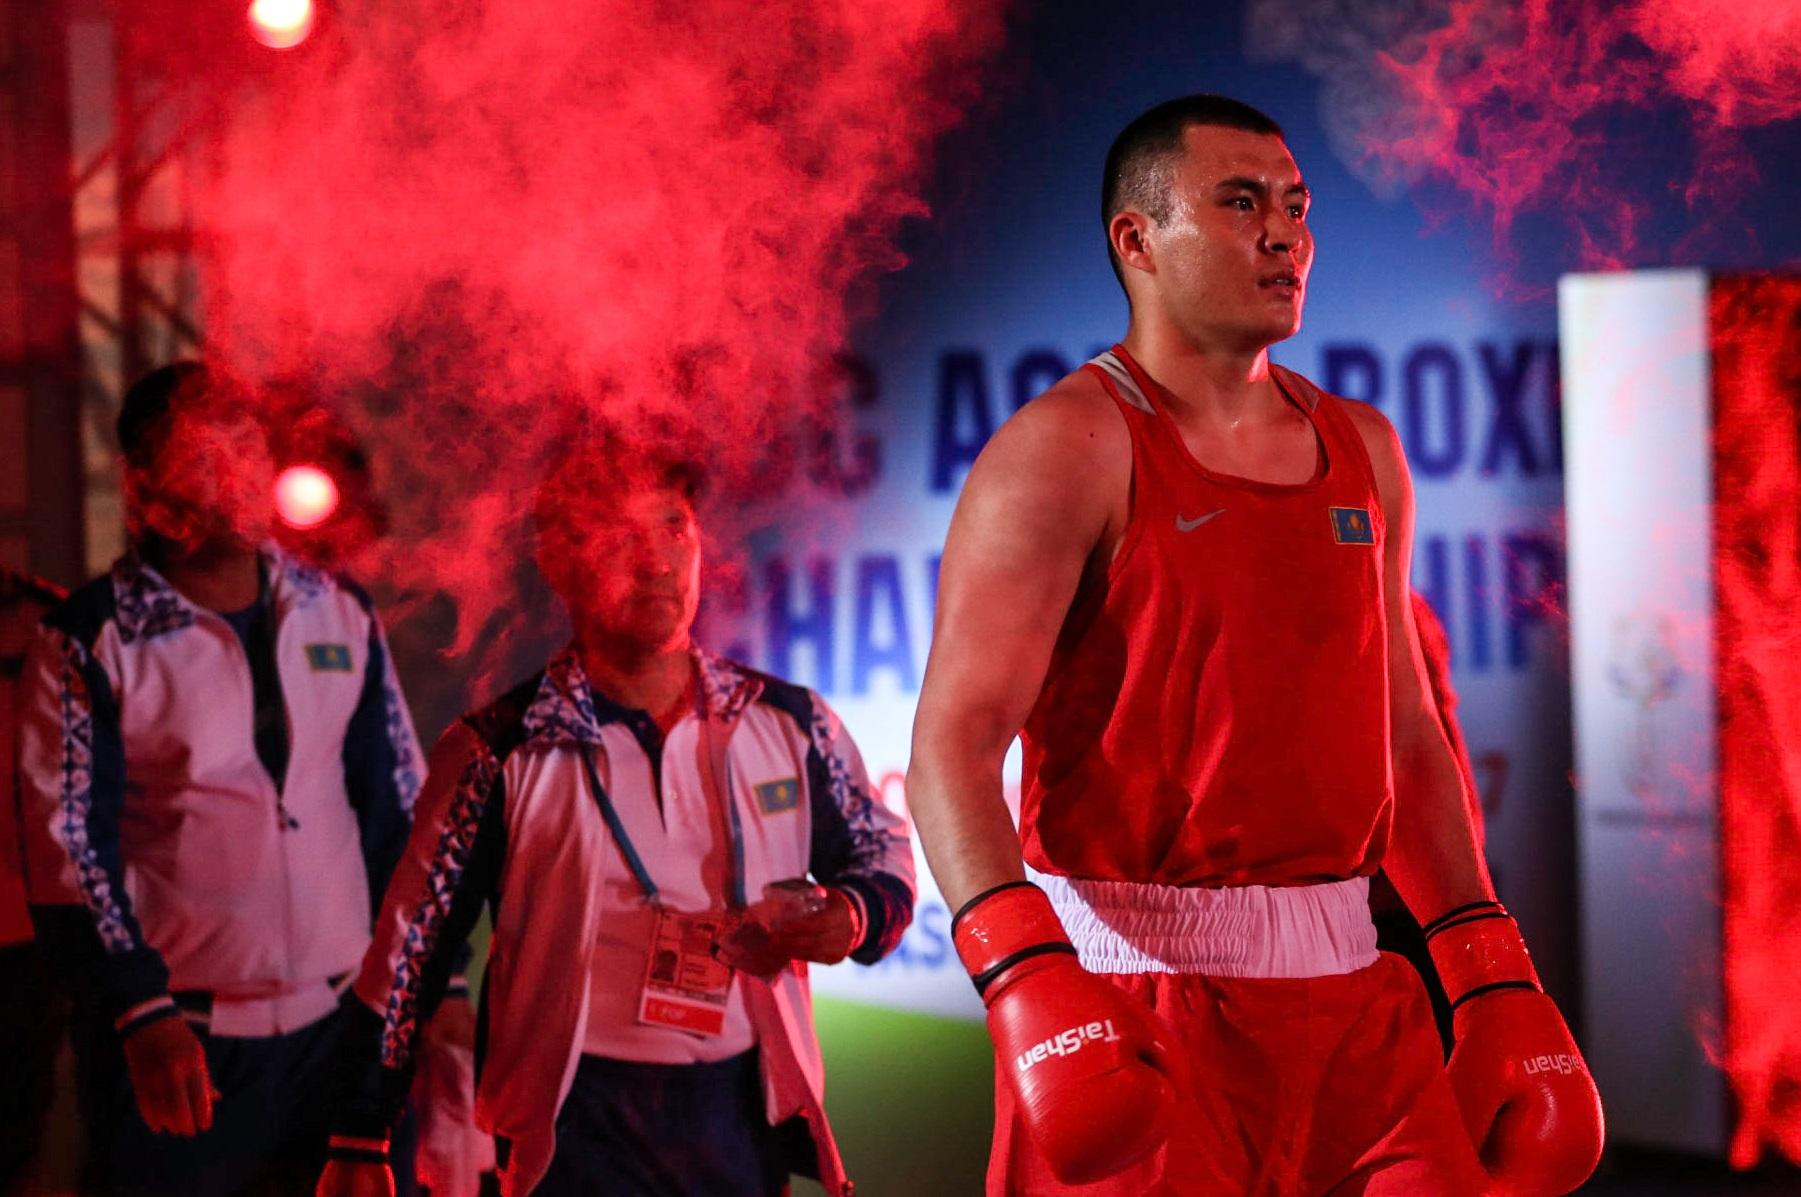 Камшибек Конкабаев стал капитаном национальной сборной по боксу